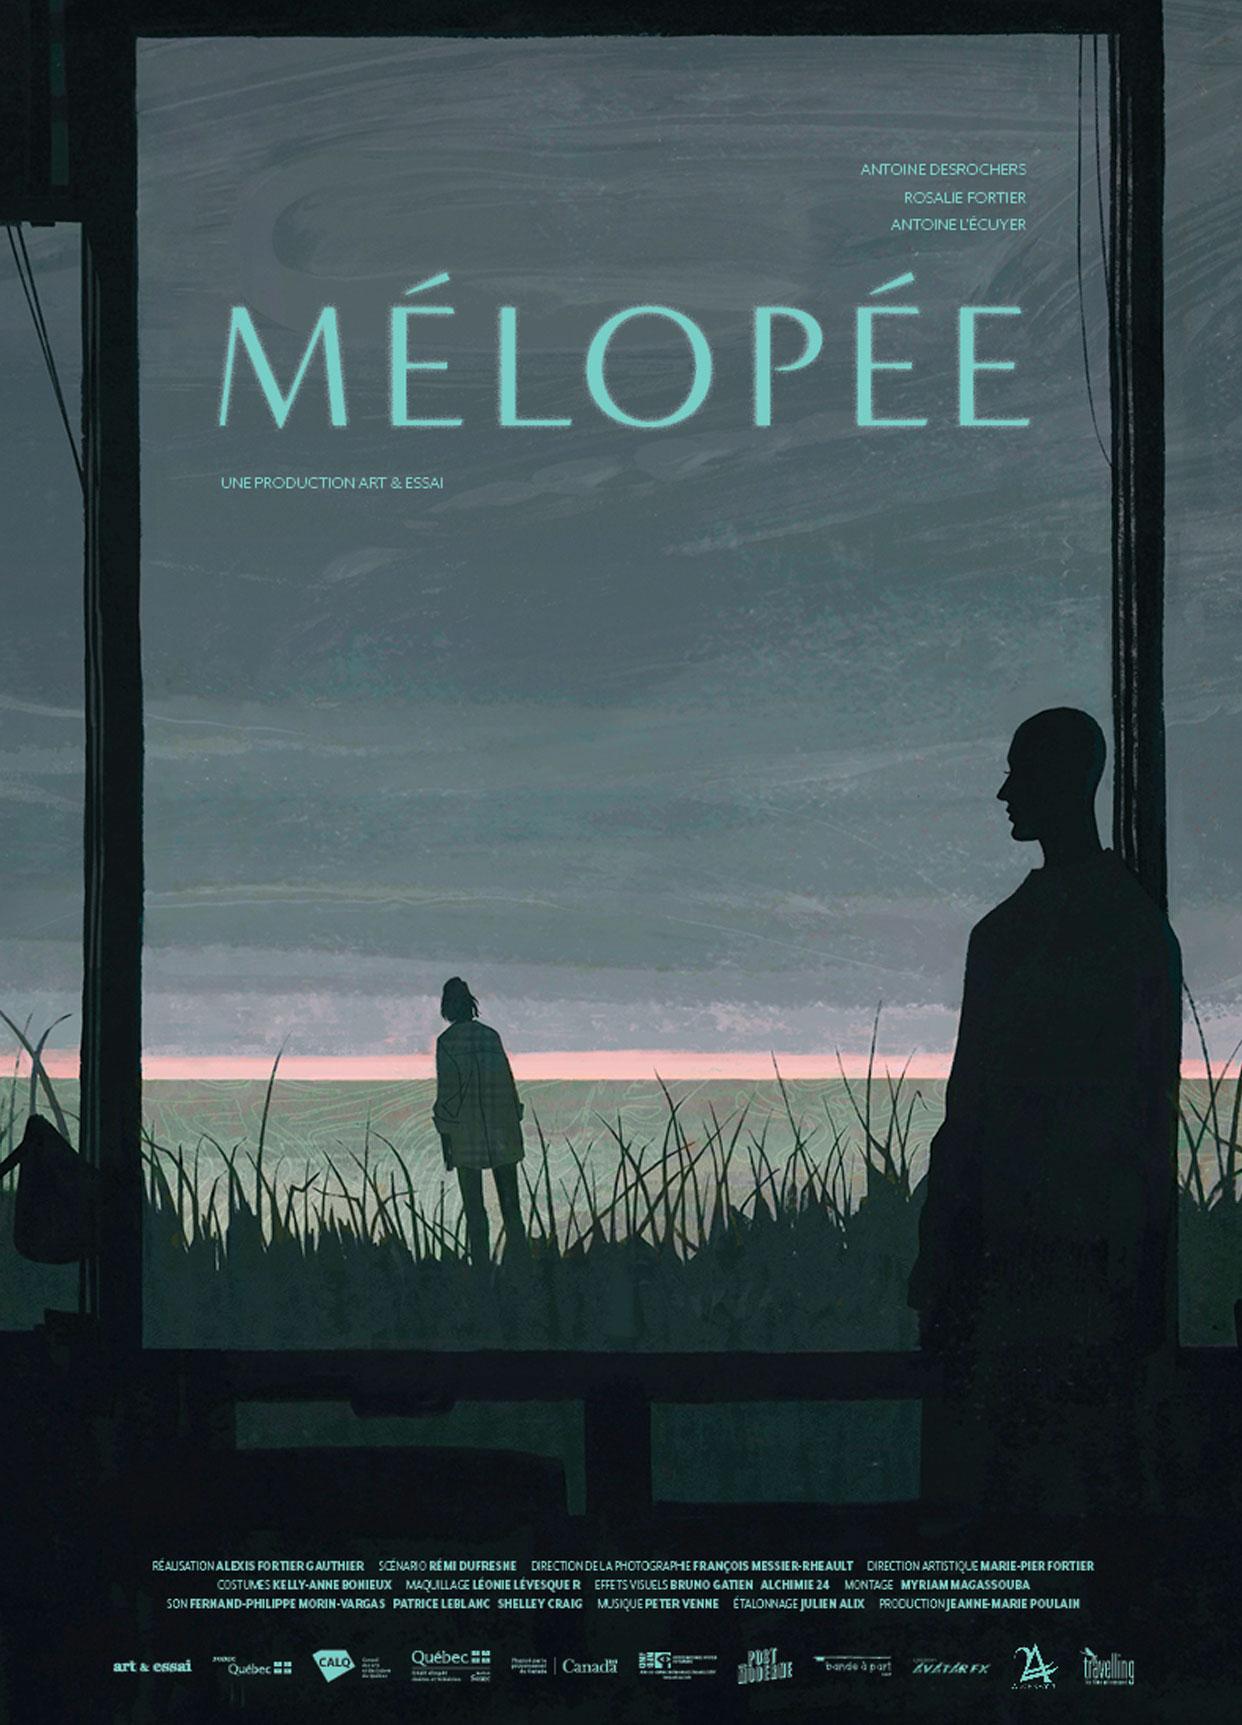 MÉLOPÉE-Alexis-Fortier-Gauthier